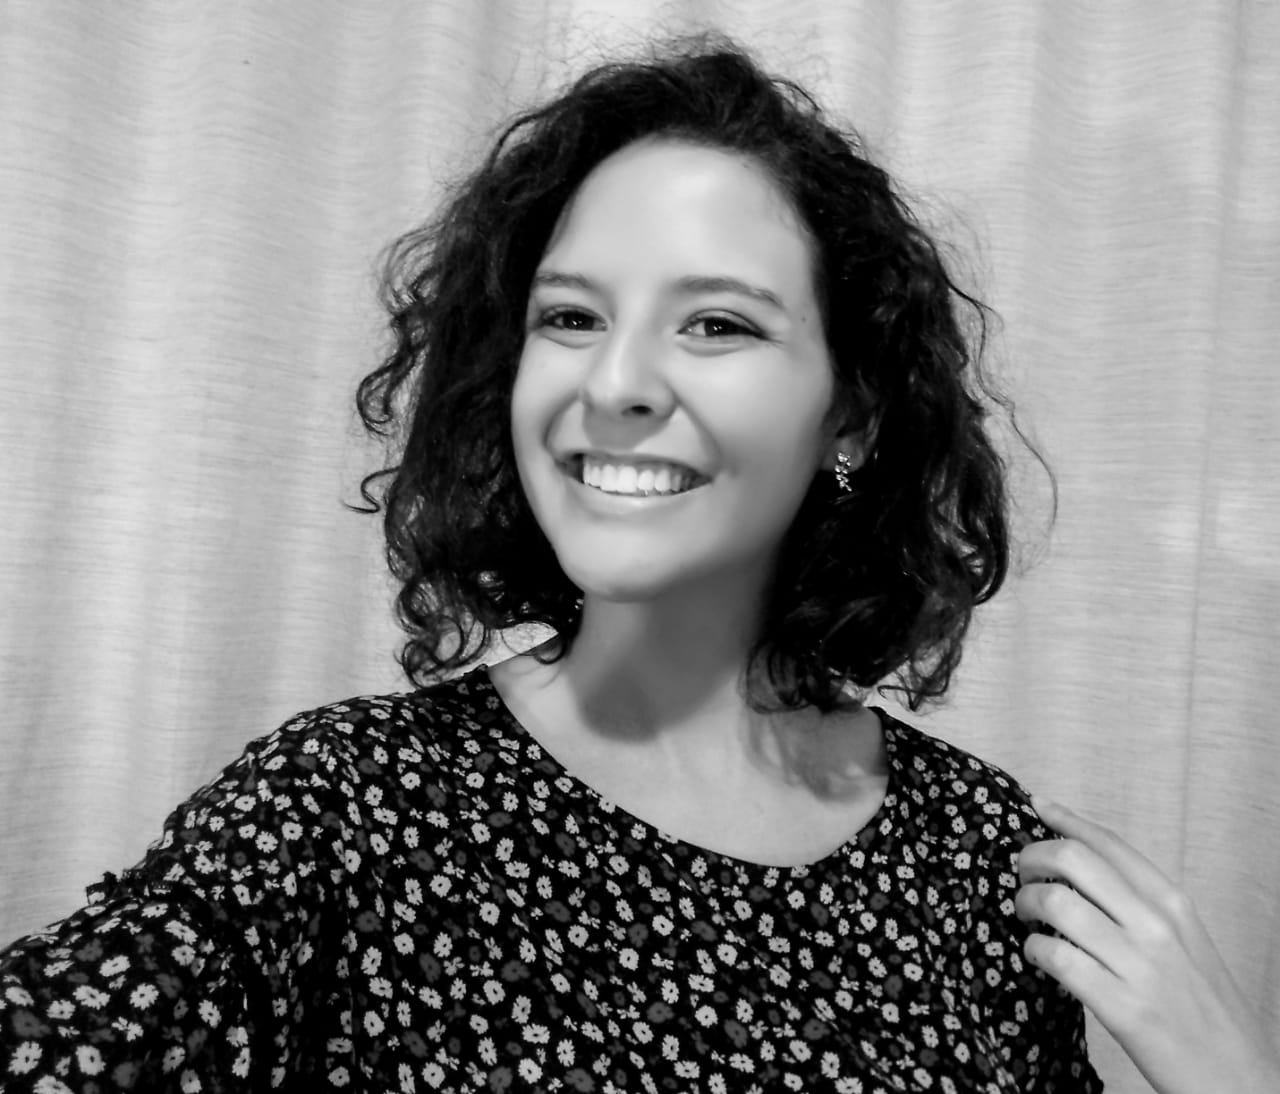 Amanda Cavalcante